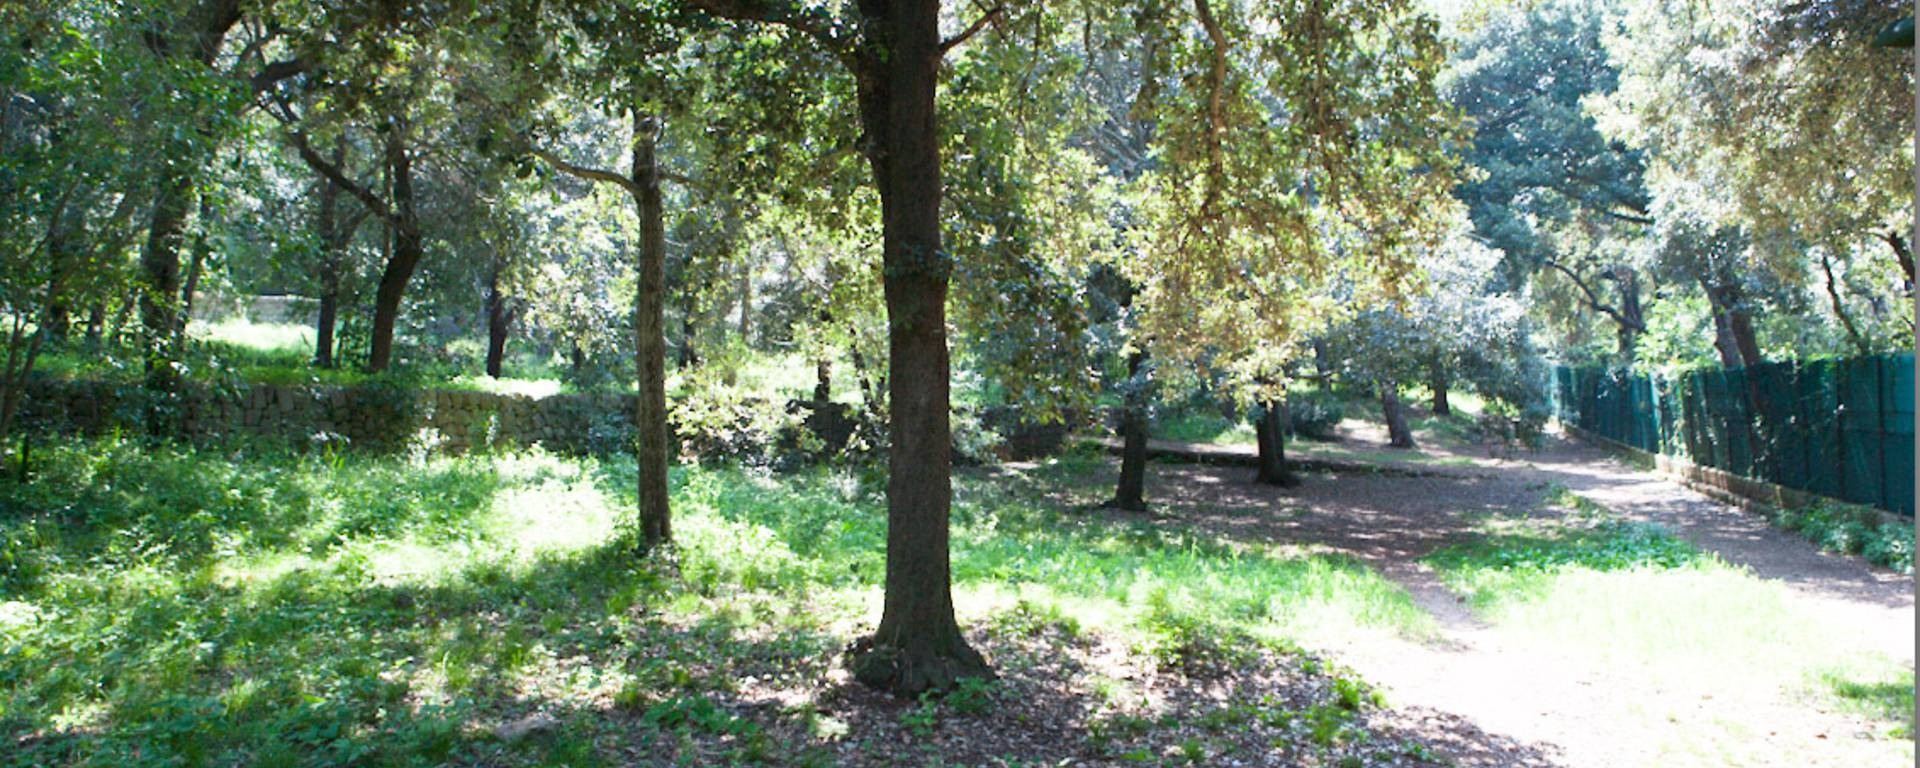 Le Bois de la Garoupe ©Mairie d'Antibes - J. Brosset